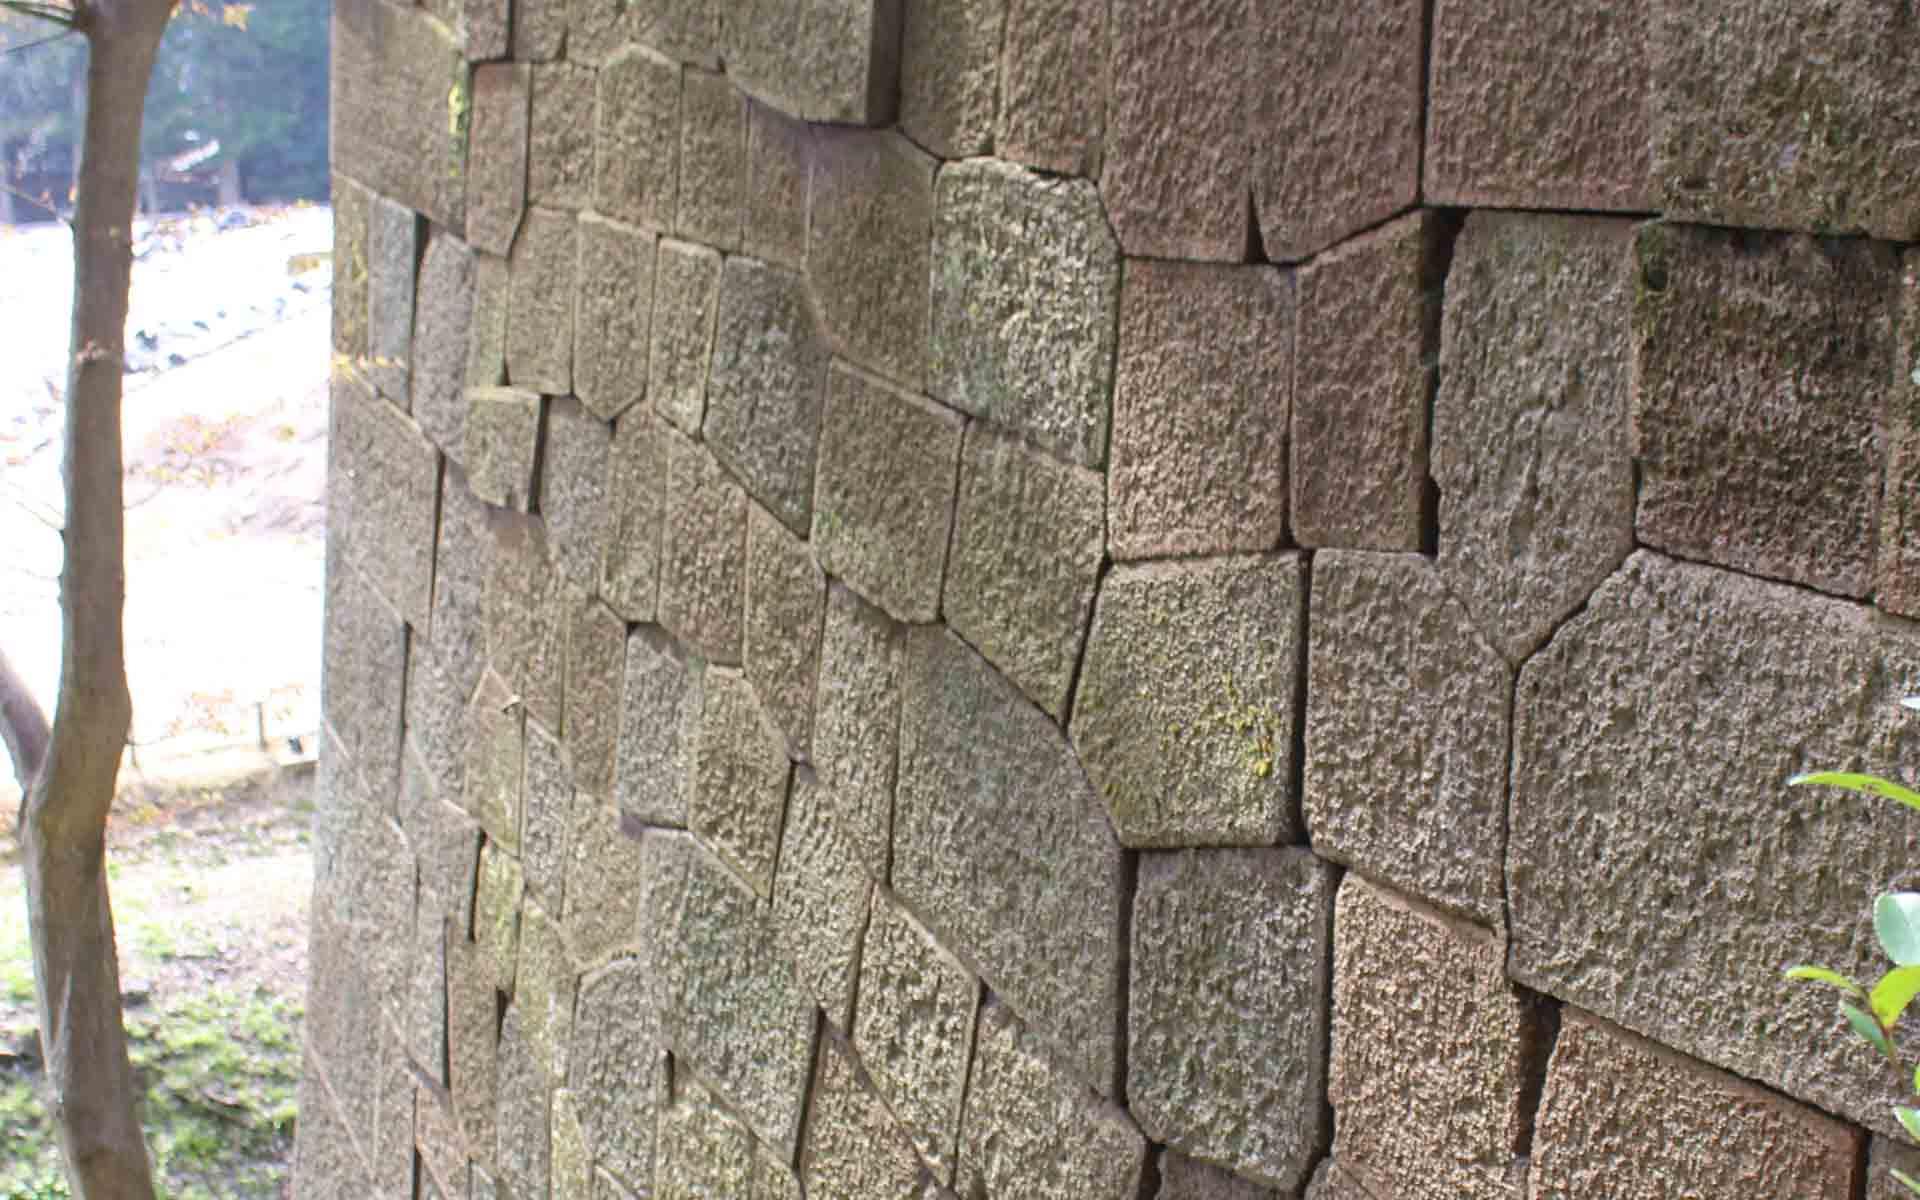 江戸後期のもの。一つ一つ石の隅を面取りをすることで縁飾りのように見える